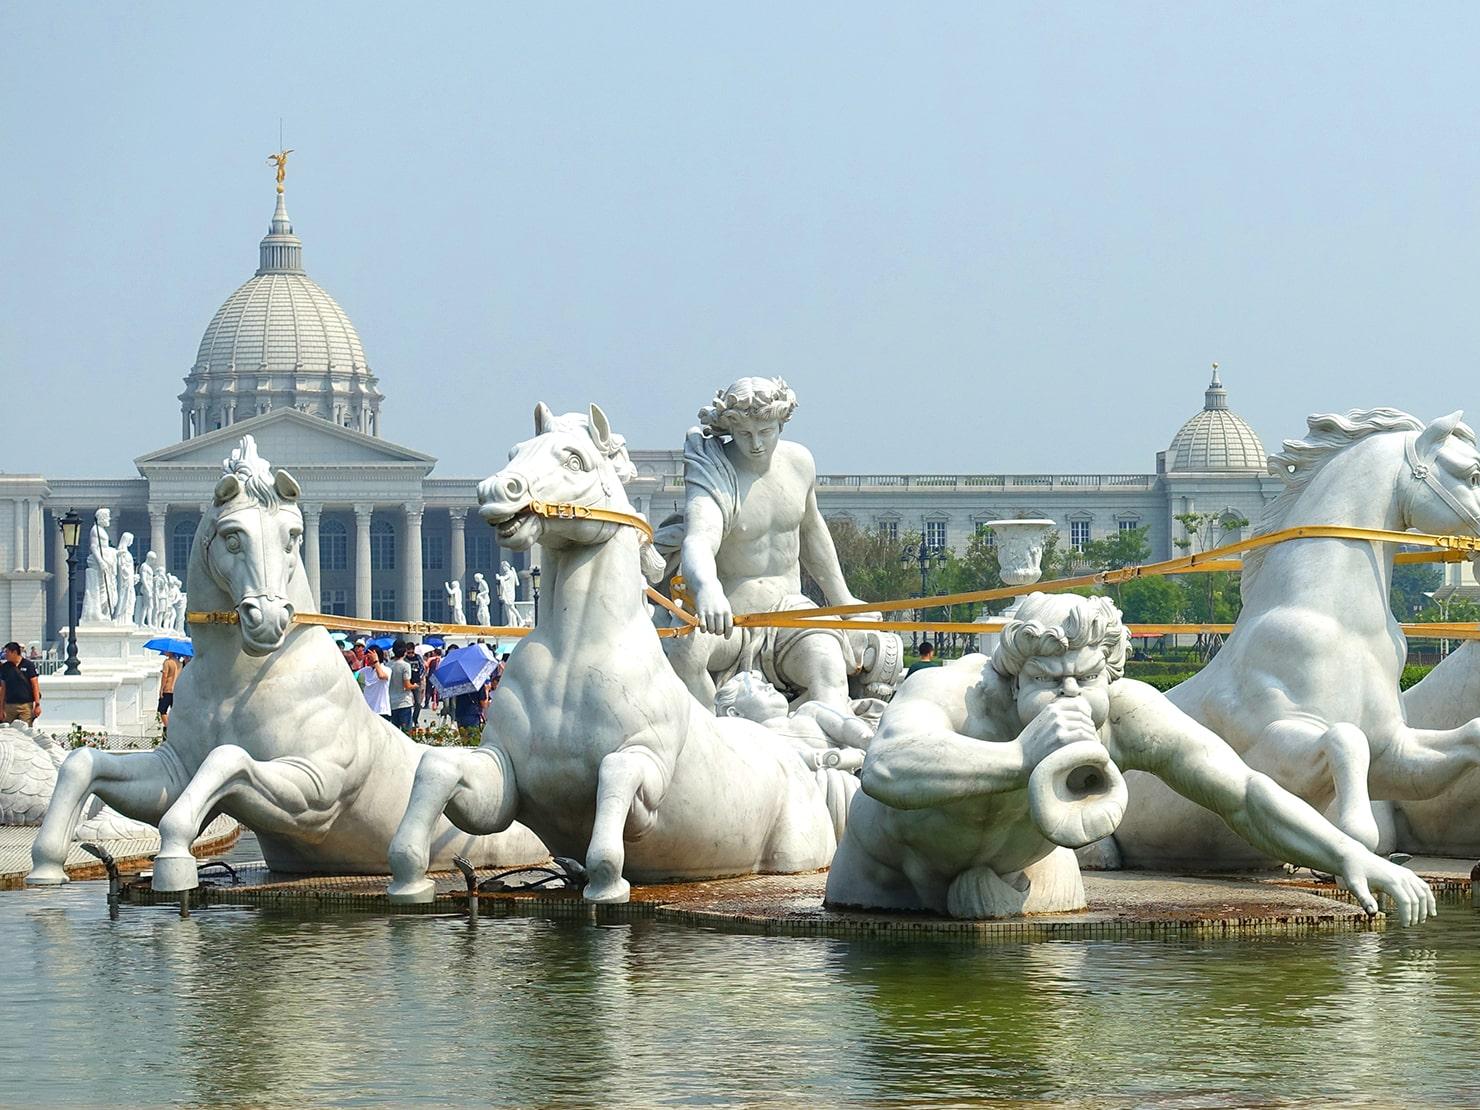 台南市街郊外のおすすめ観光スポット「奇美博物館」の彫刻